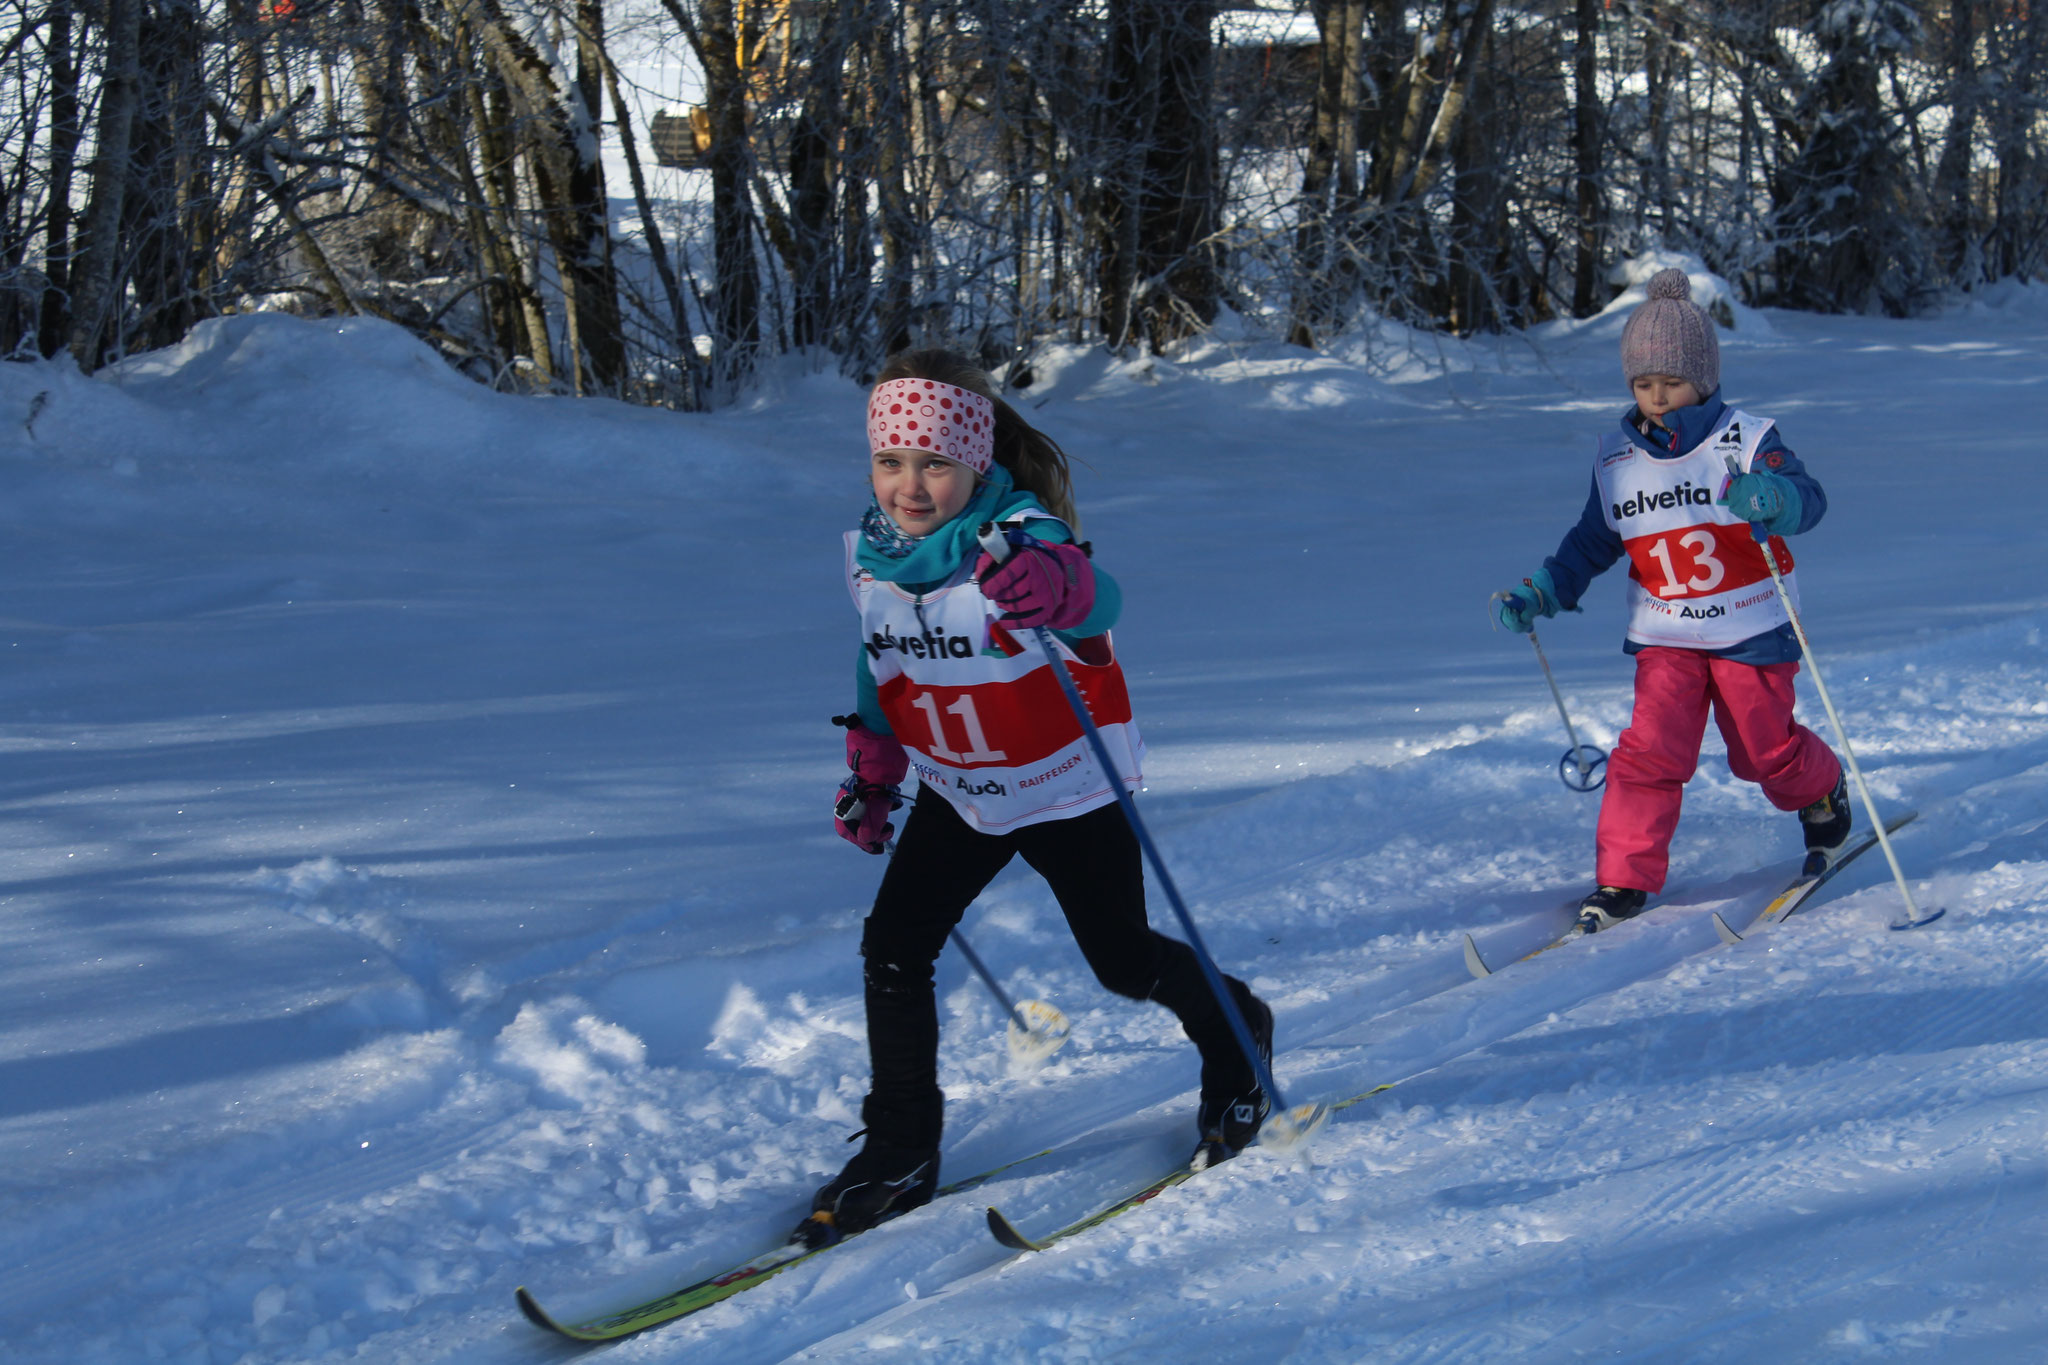 Lynn Aschwanden und Lorena Vogel geben beim Rennen vollen Einsatz.